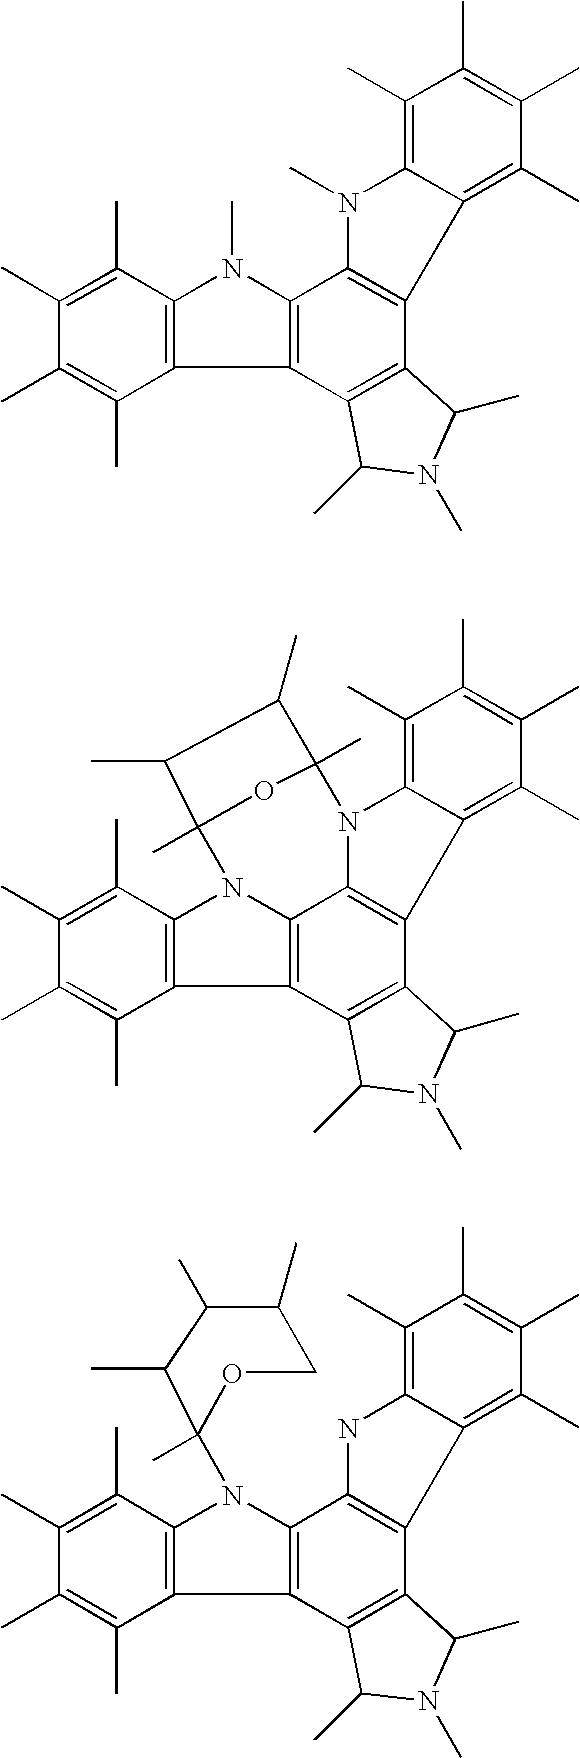 Figure US20060199010A1-20060907-C00002